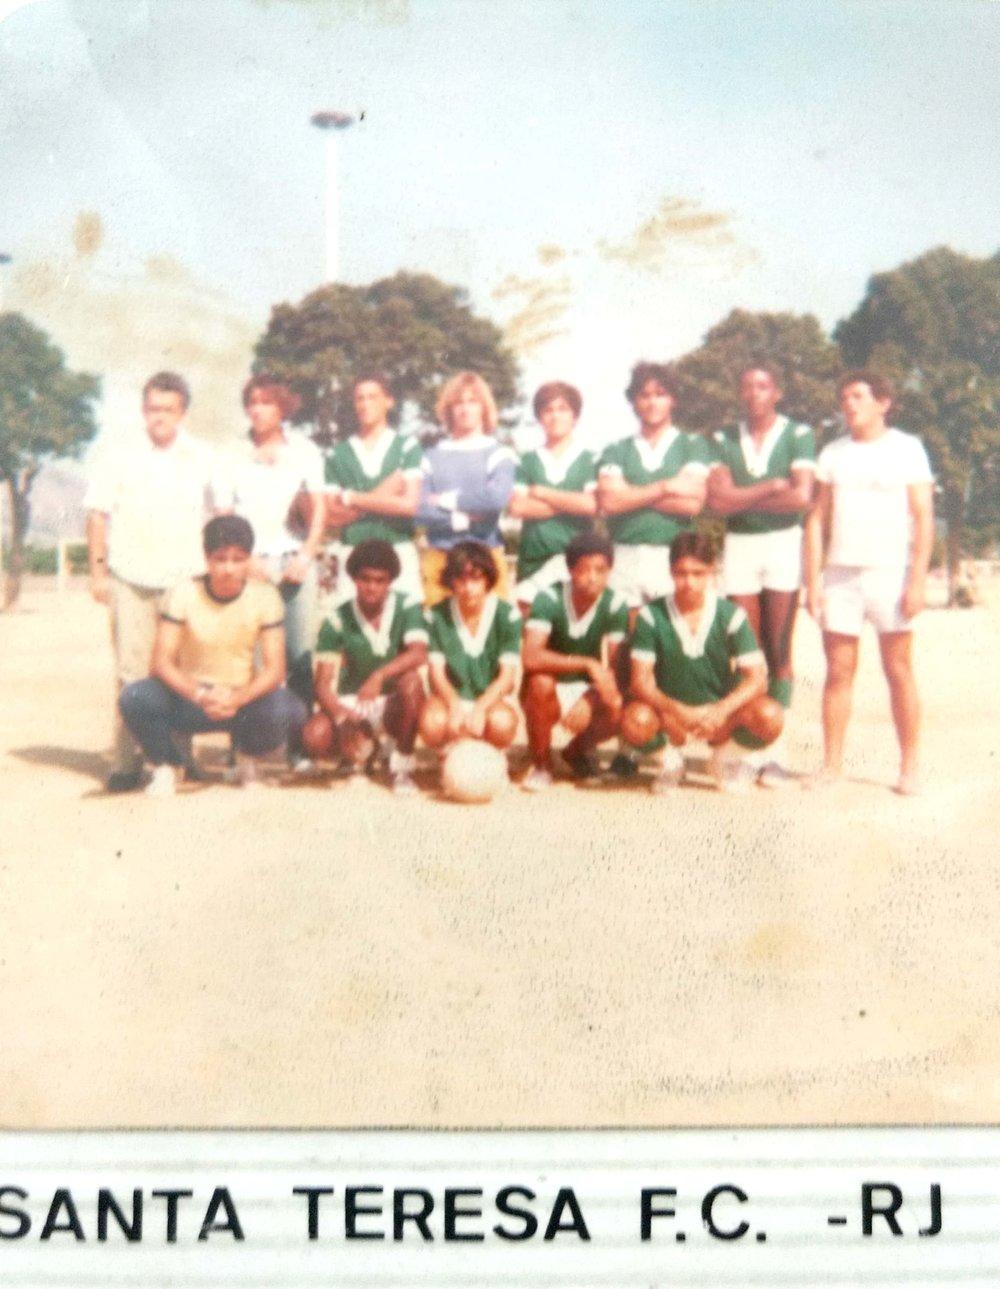 Santa Teresa FC